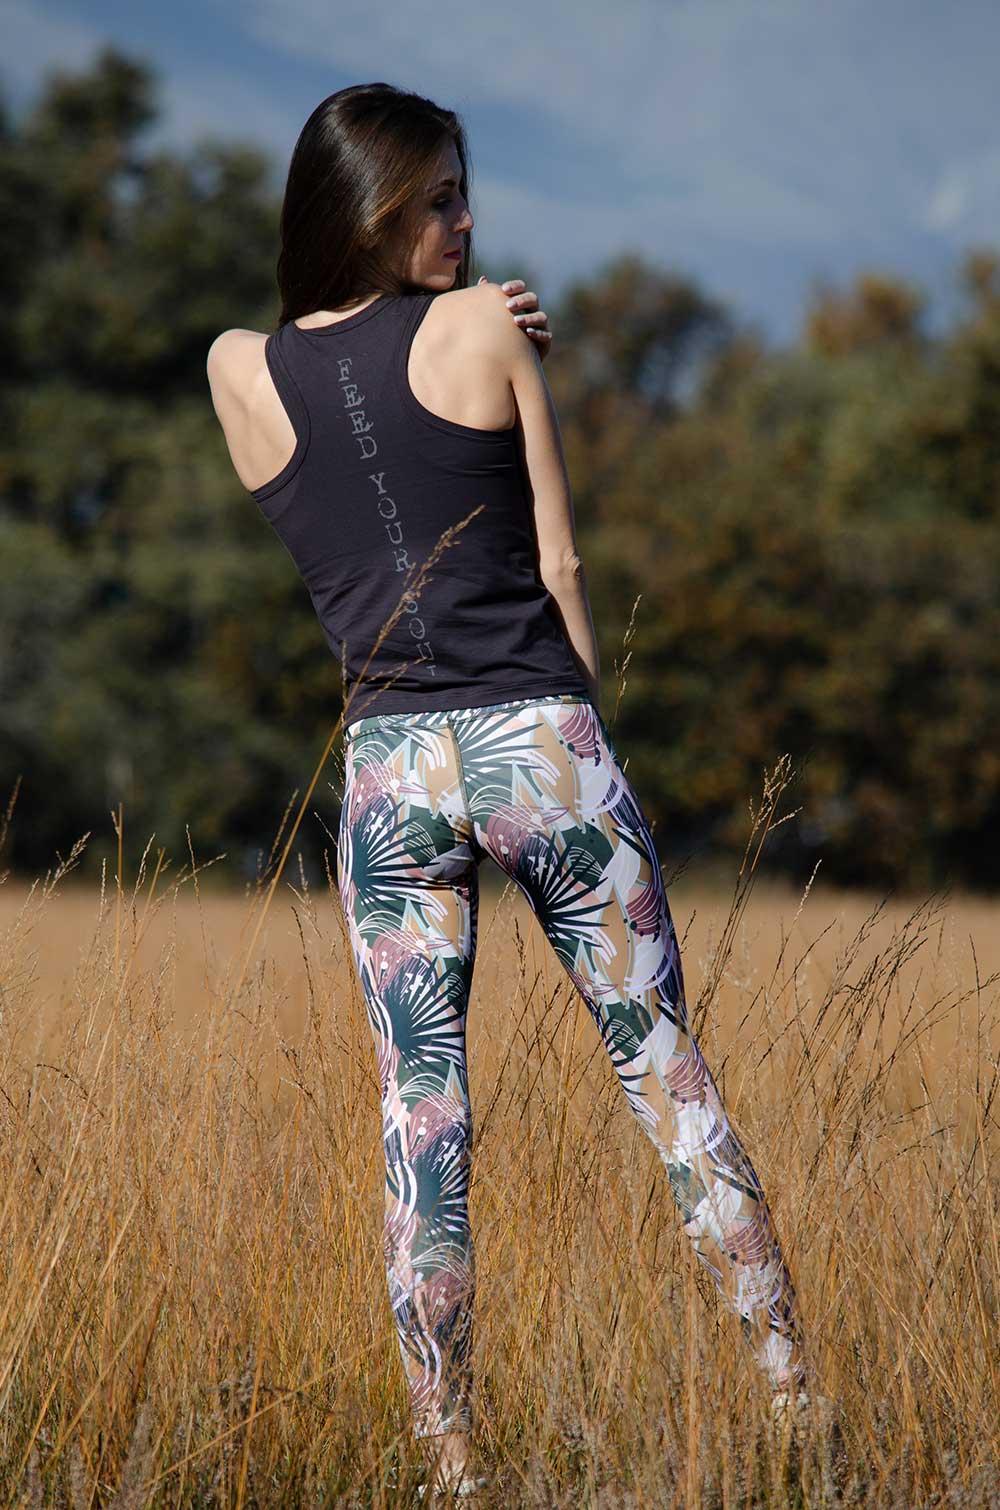 abbigliamento yoga consapevole made in italy atma feed your soul